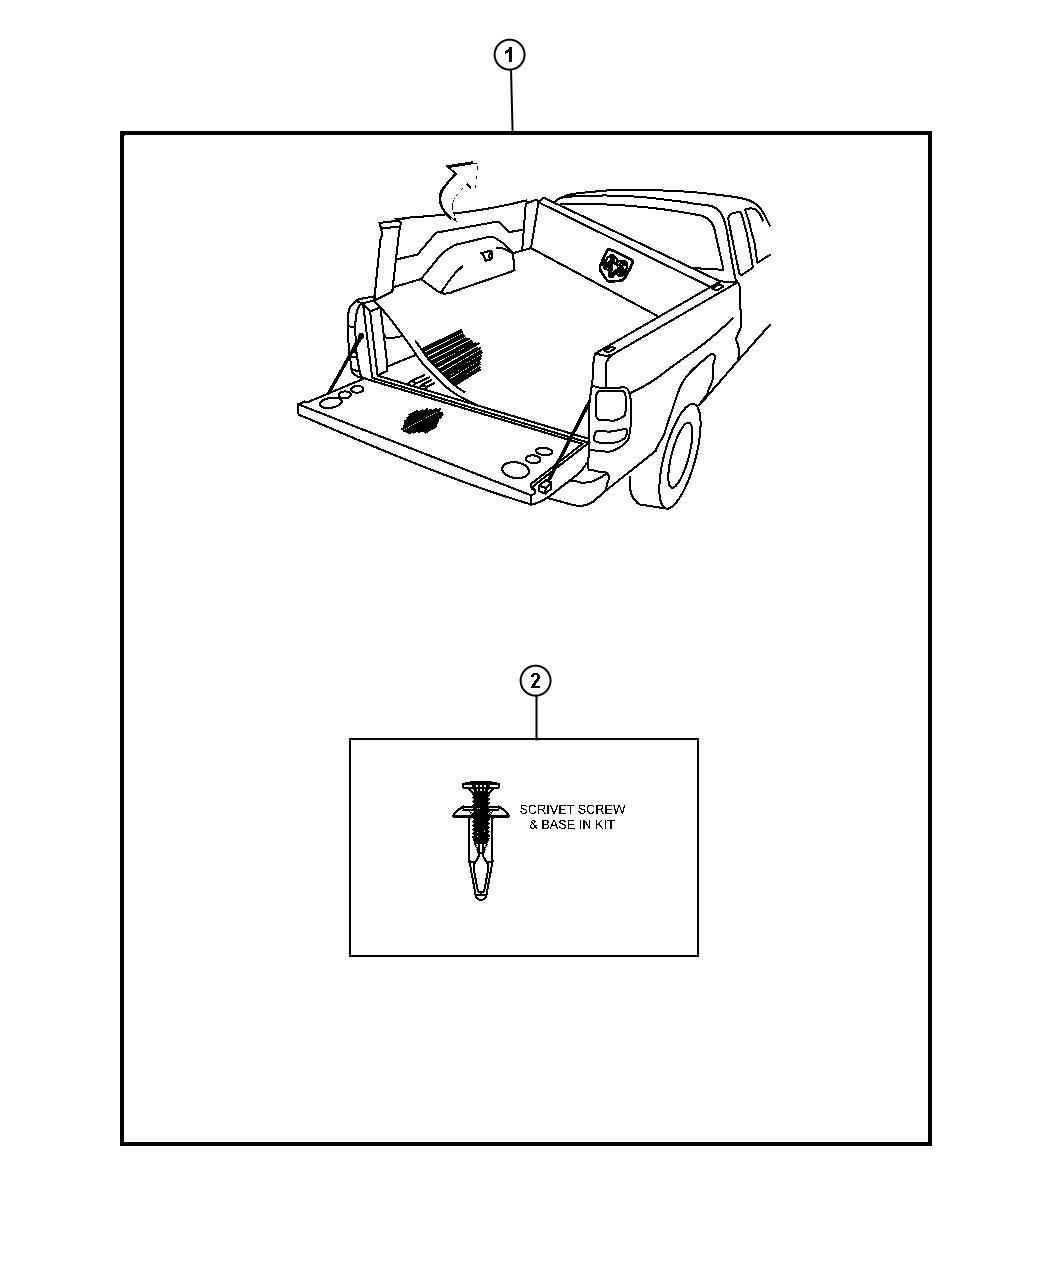 Dodge Dakota Install Kit Bedliner